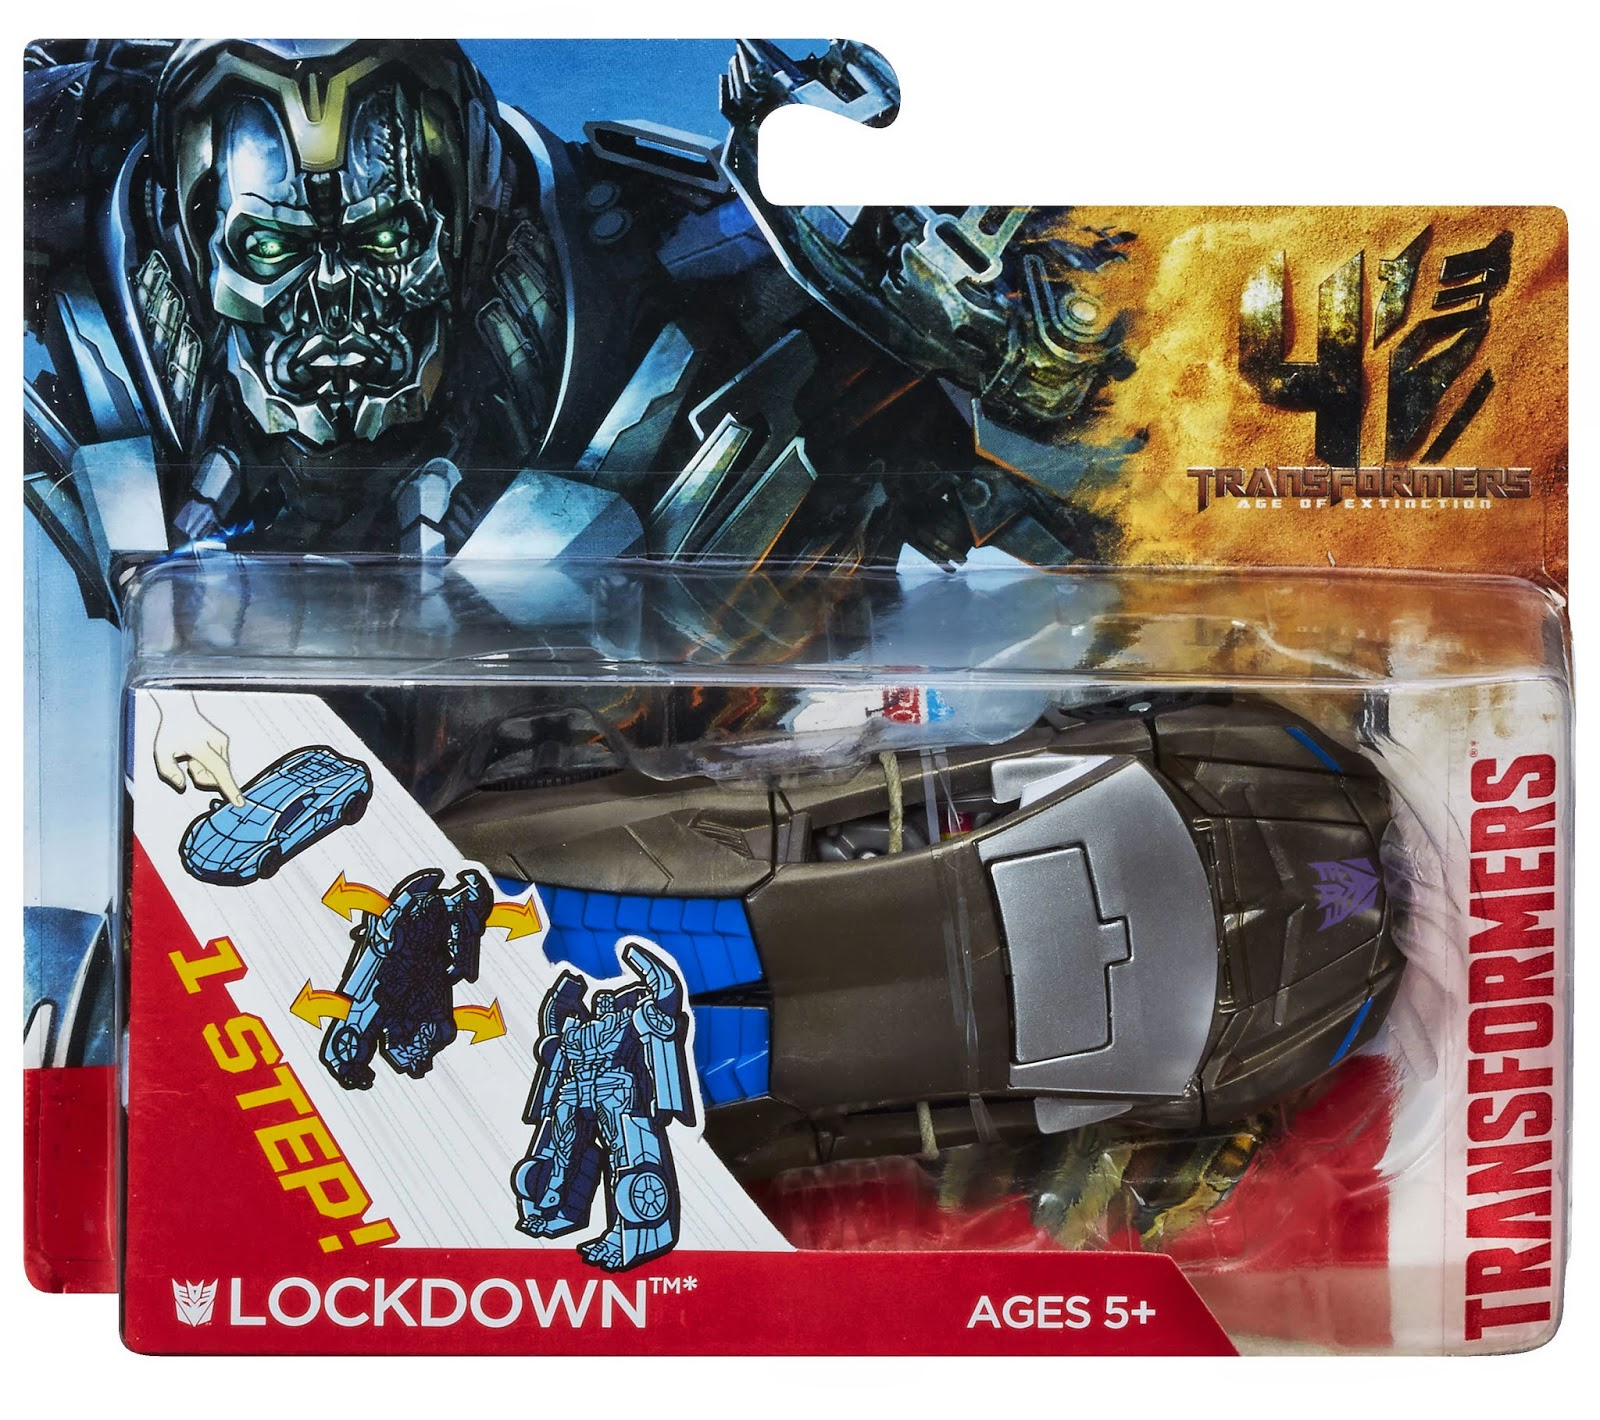 Cybertron Day per acquistare online giocattoli  Hasbro film Transformers 4 Era dell Estinzione vendita su Amazon